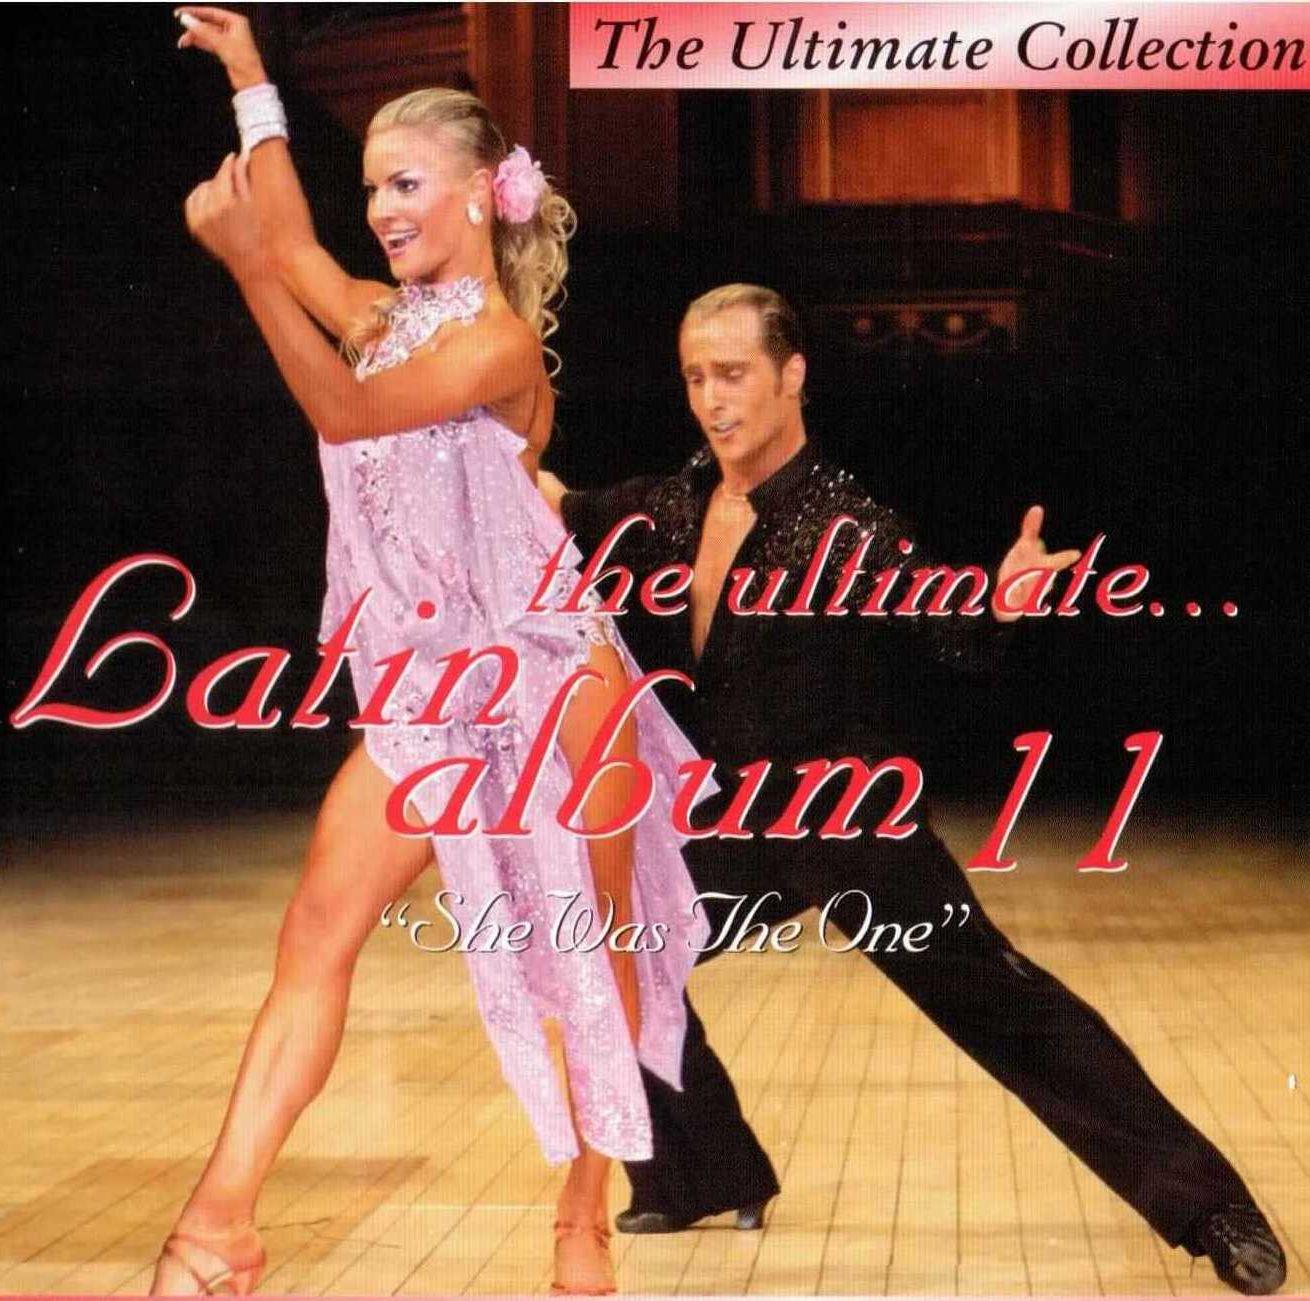 танец самба музыка скачать